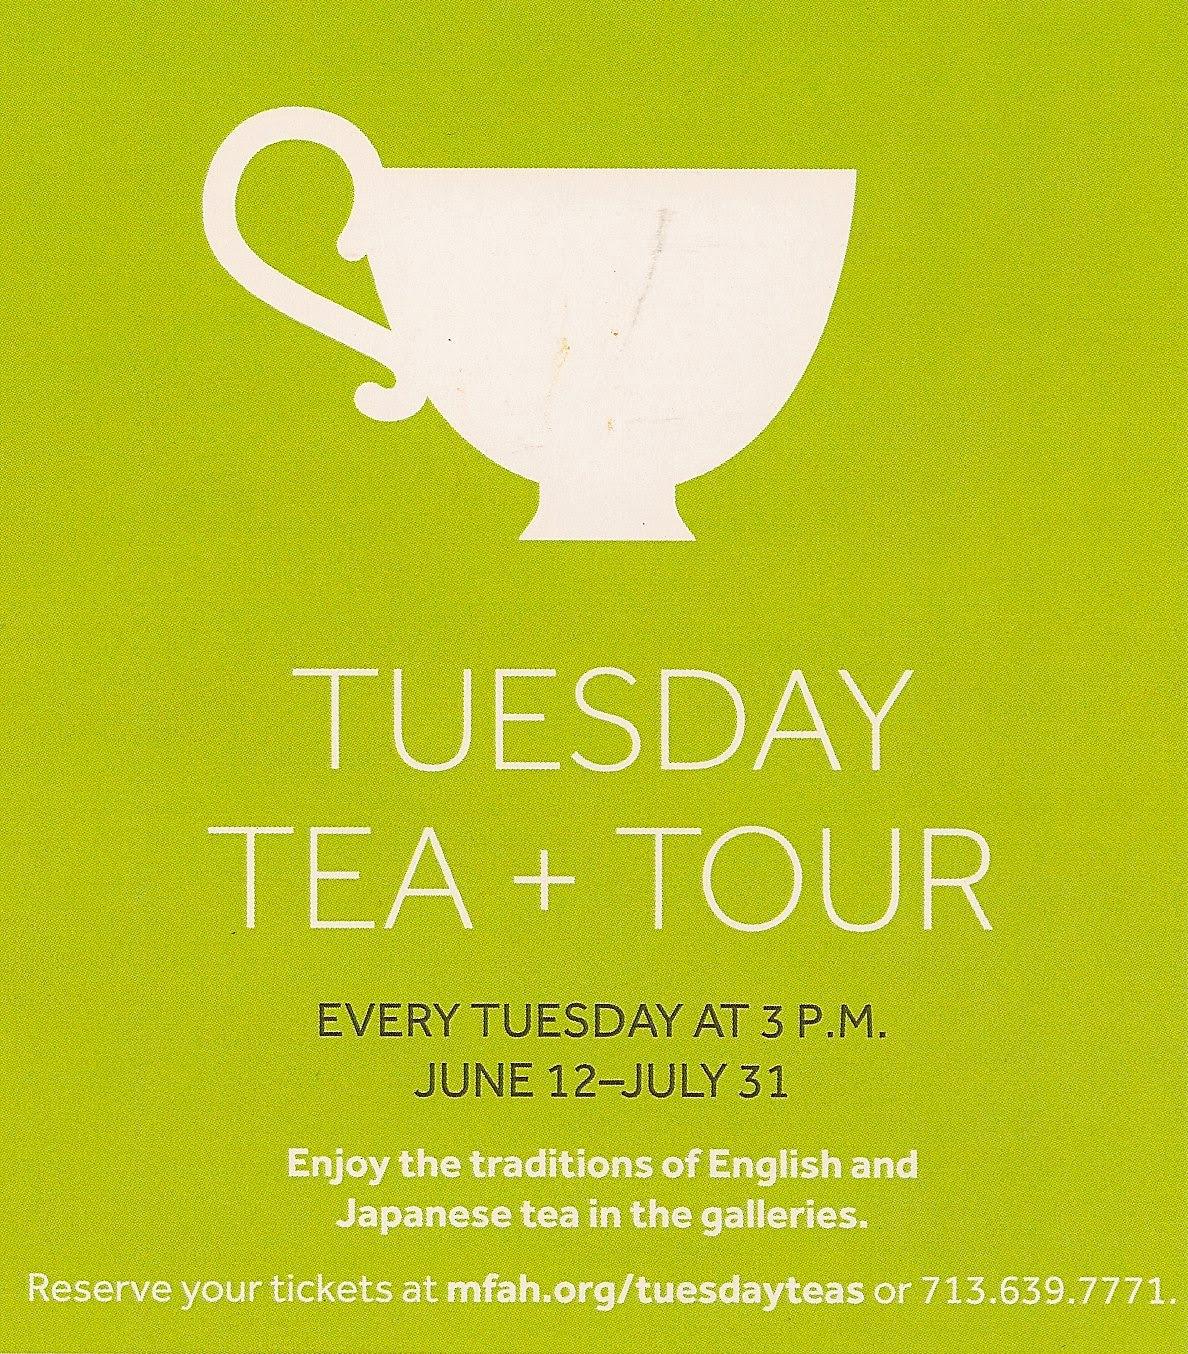 Tuesday Tea And Tour